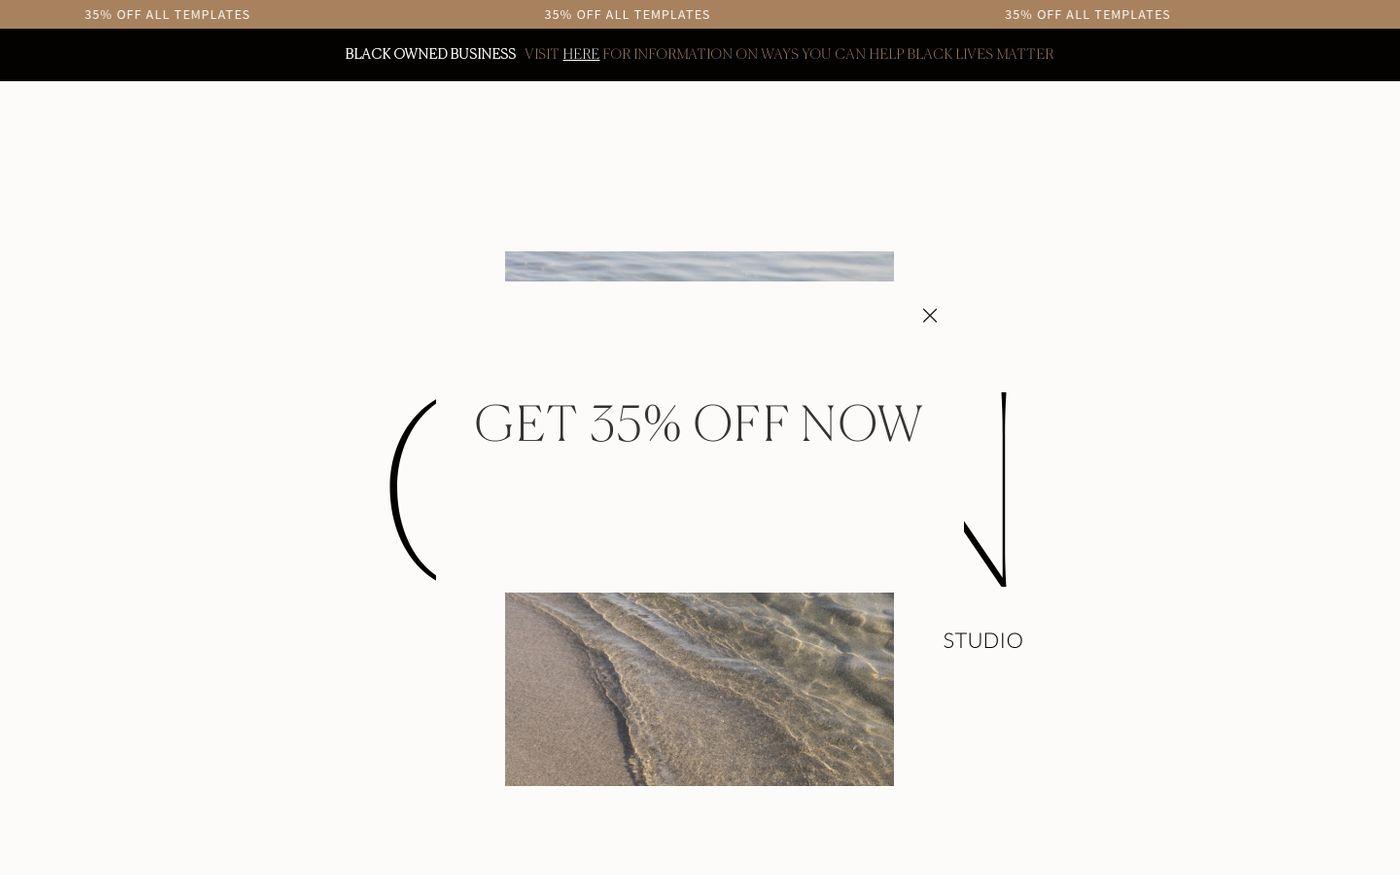 Screenshot of GLDN Studio website